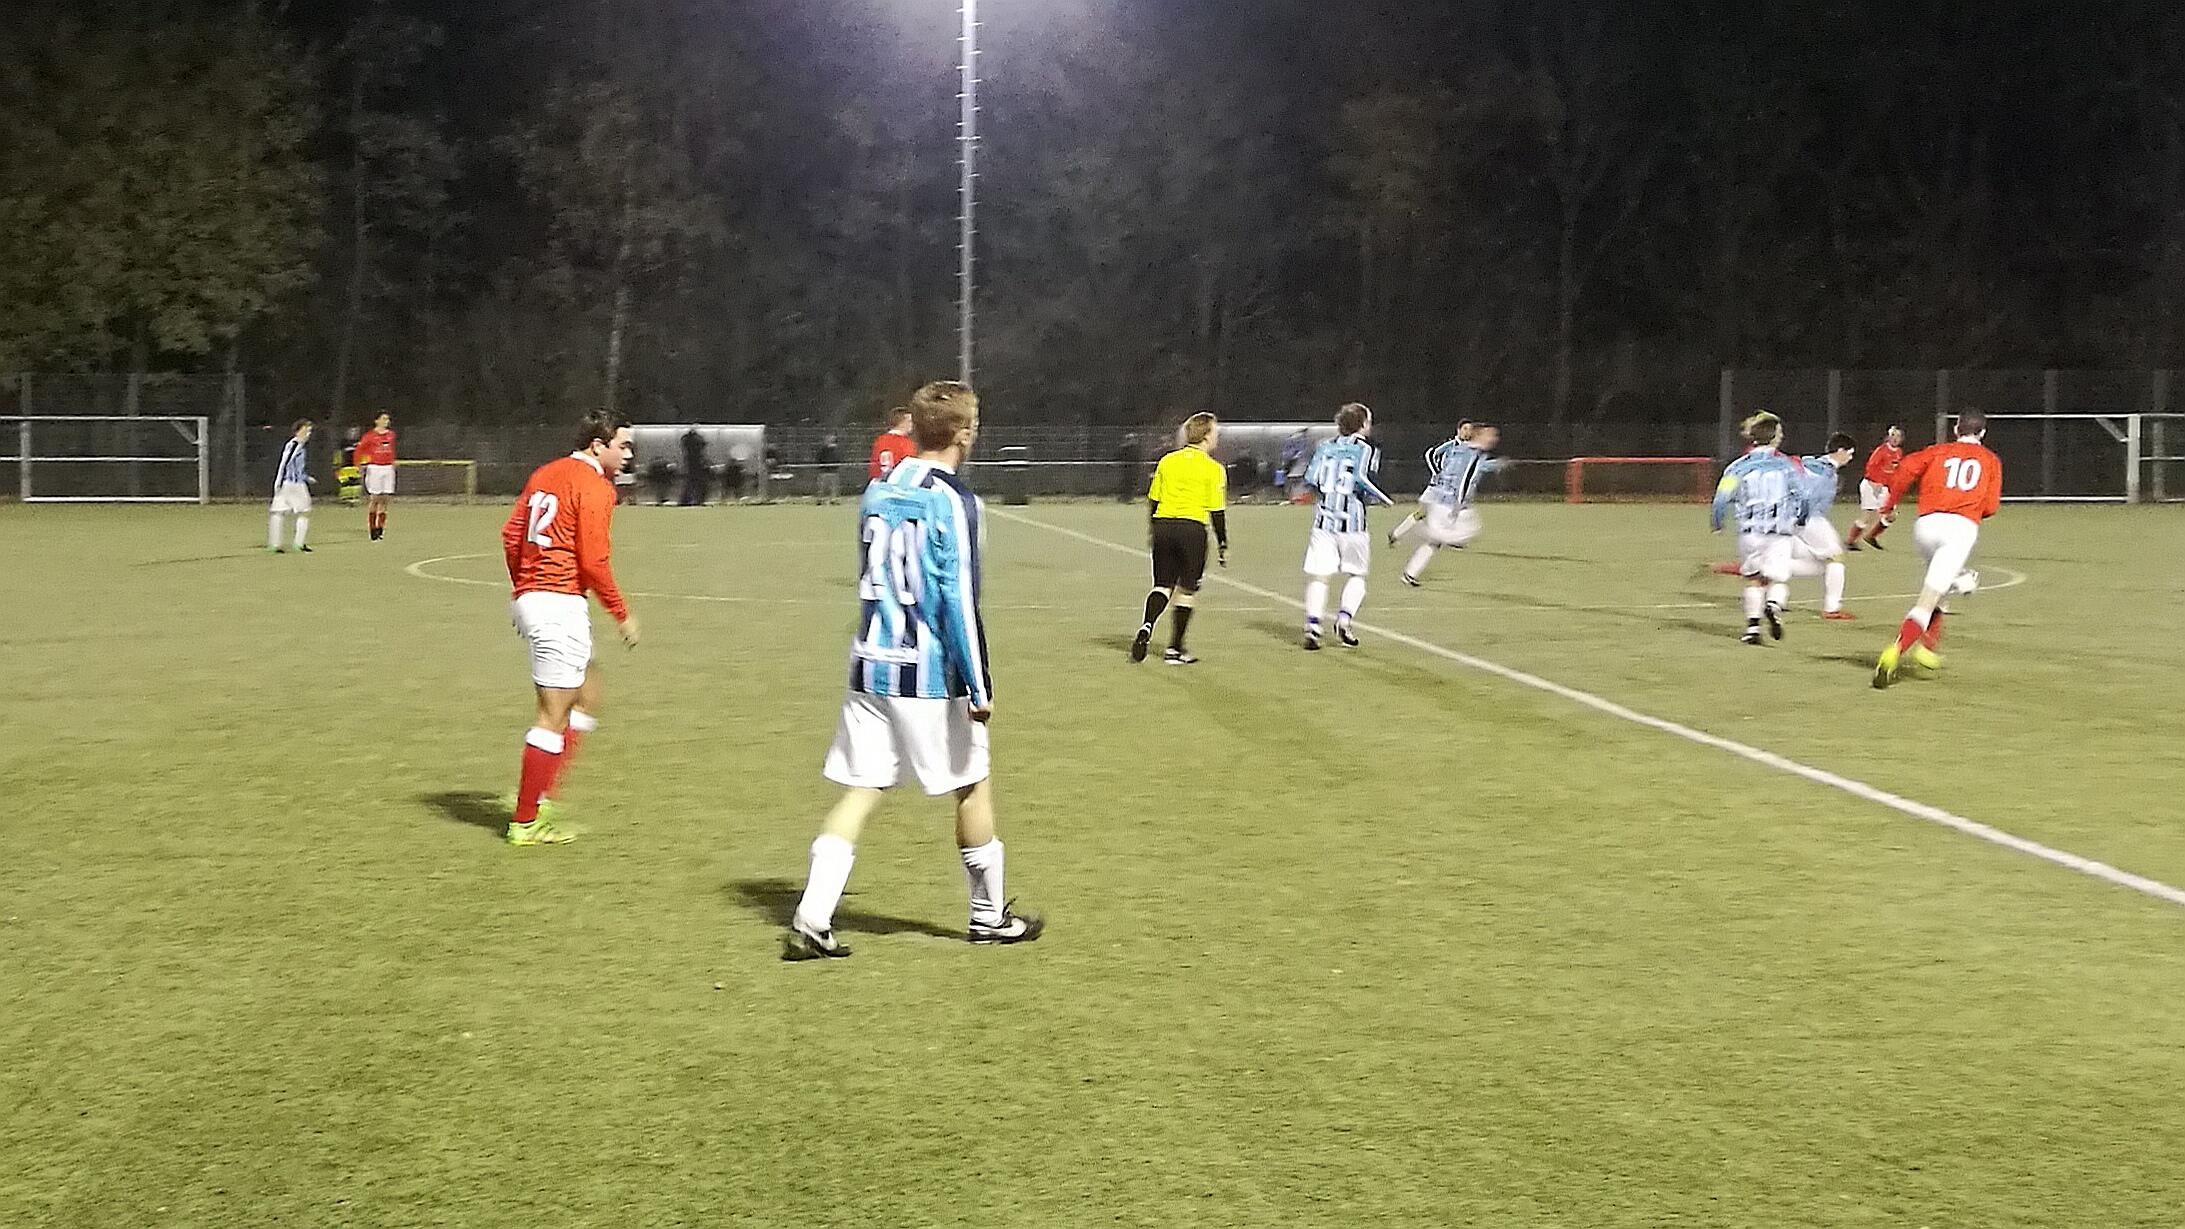 SCW - UNO - Voetbal in Haarlem